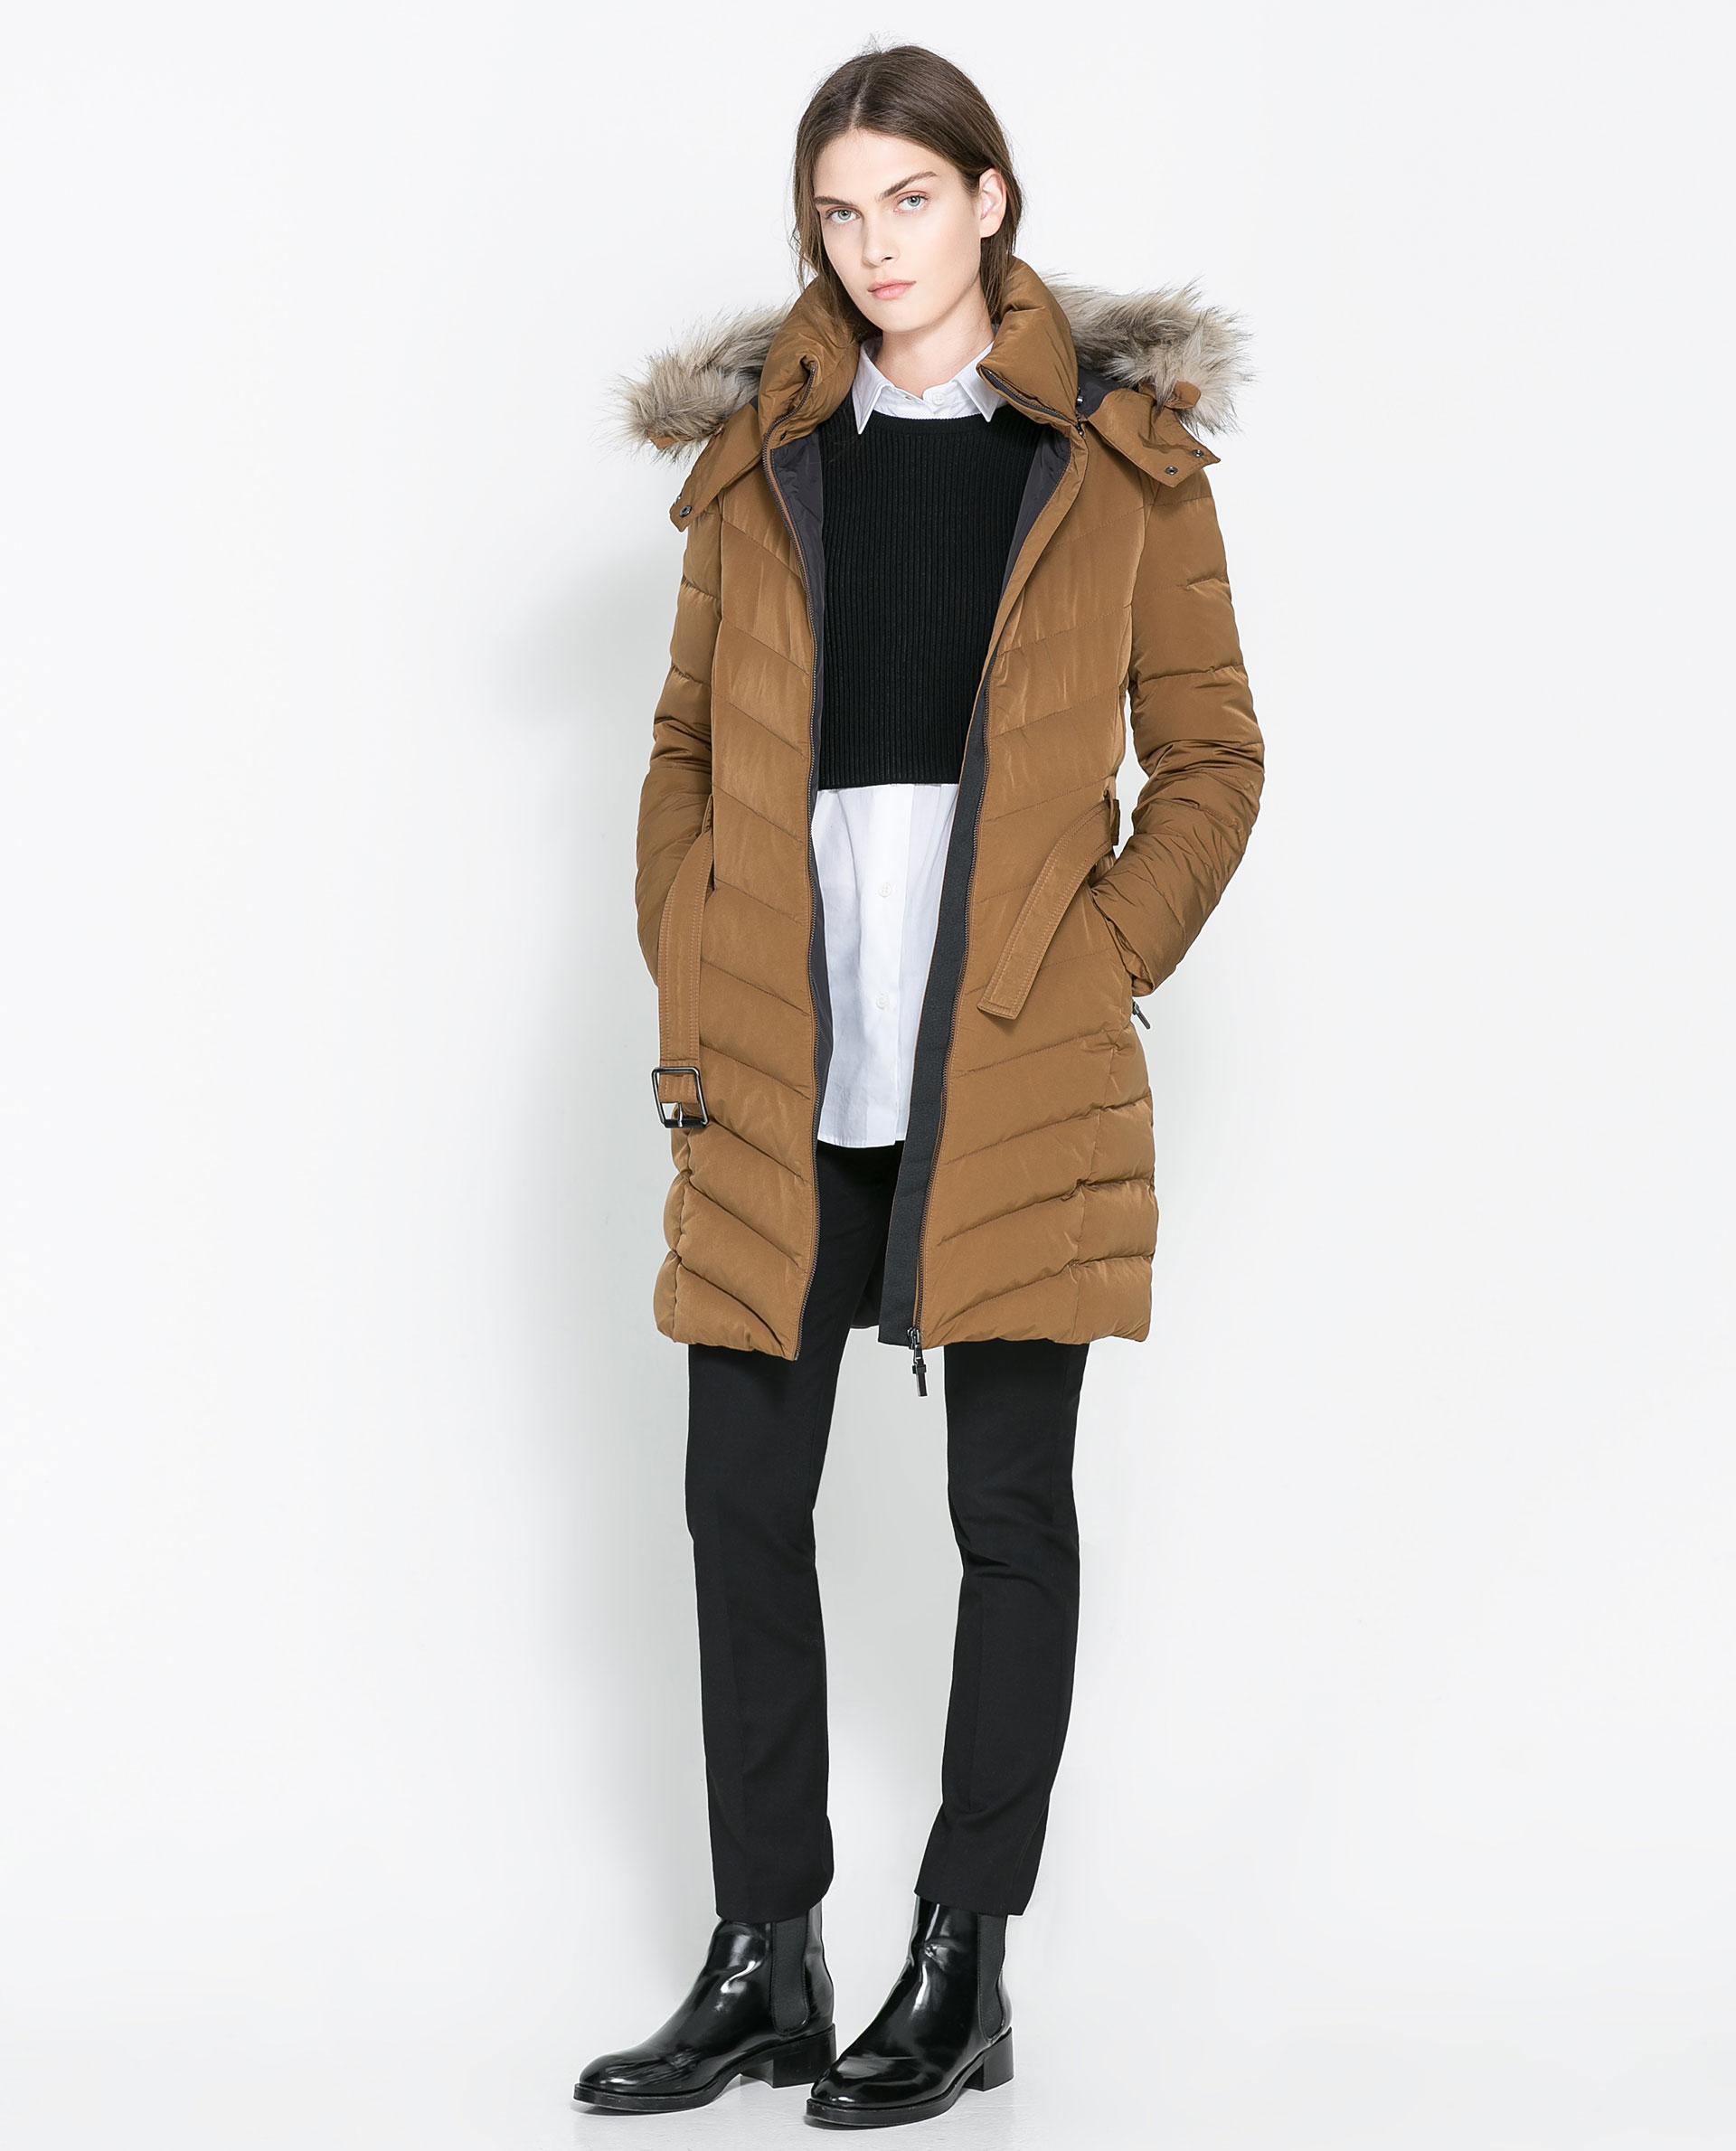 Zara Womens Winter Coats Tradingbasis